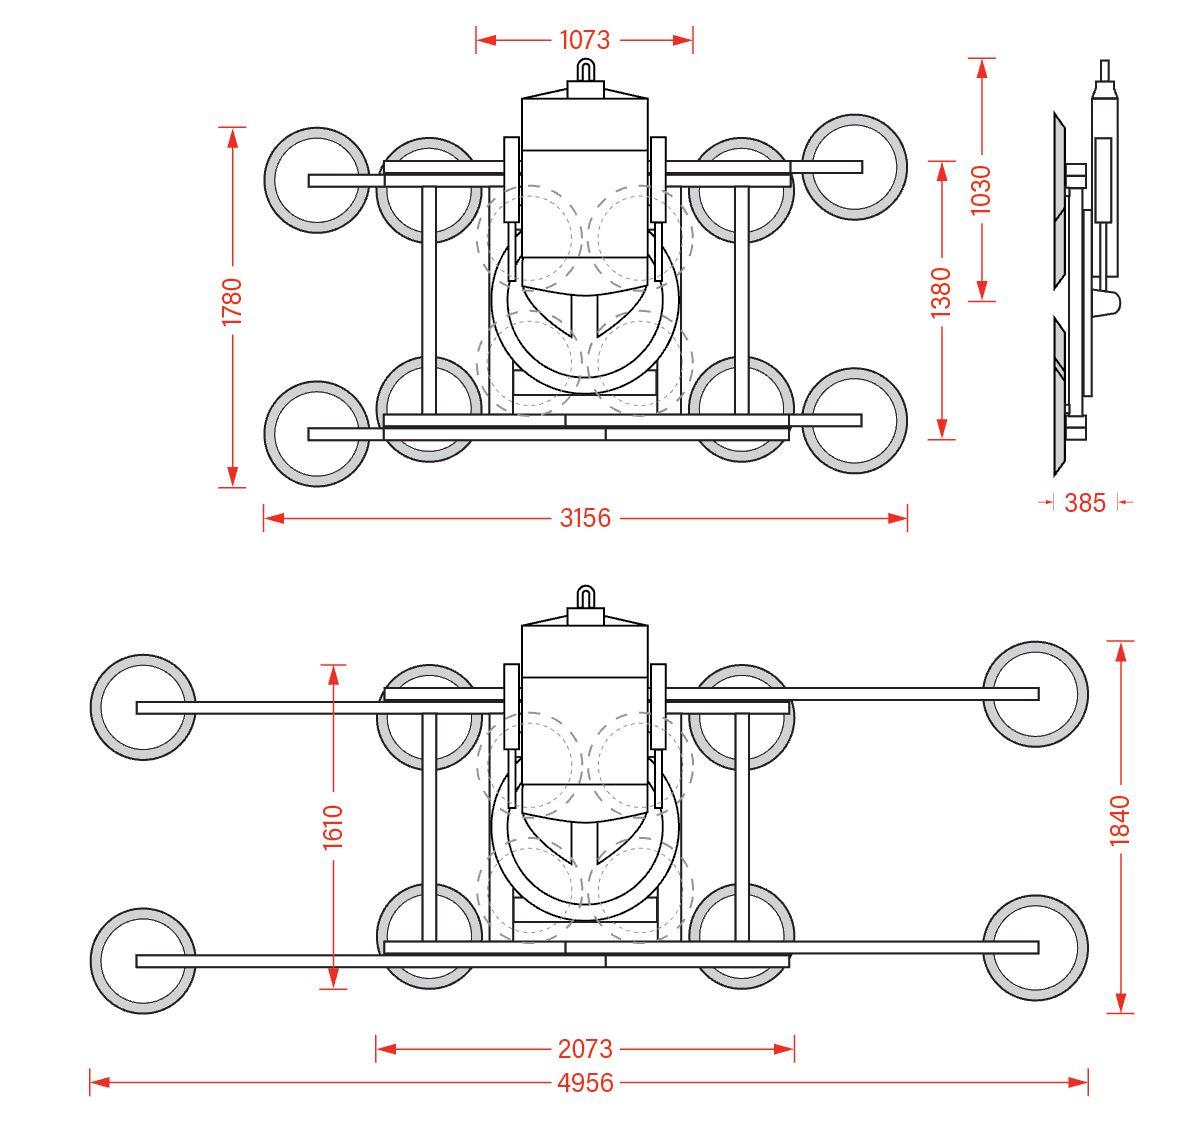 Hydraulica 2600 Technical Diagram